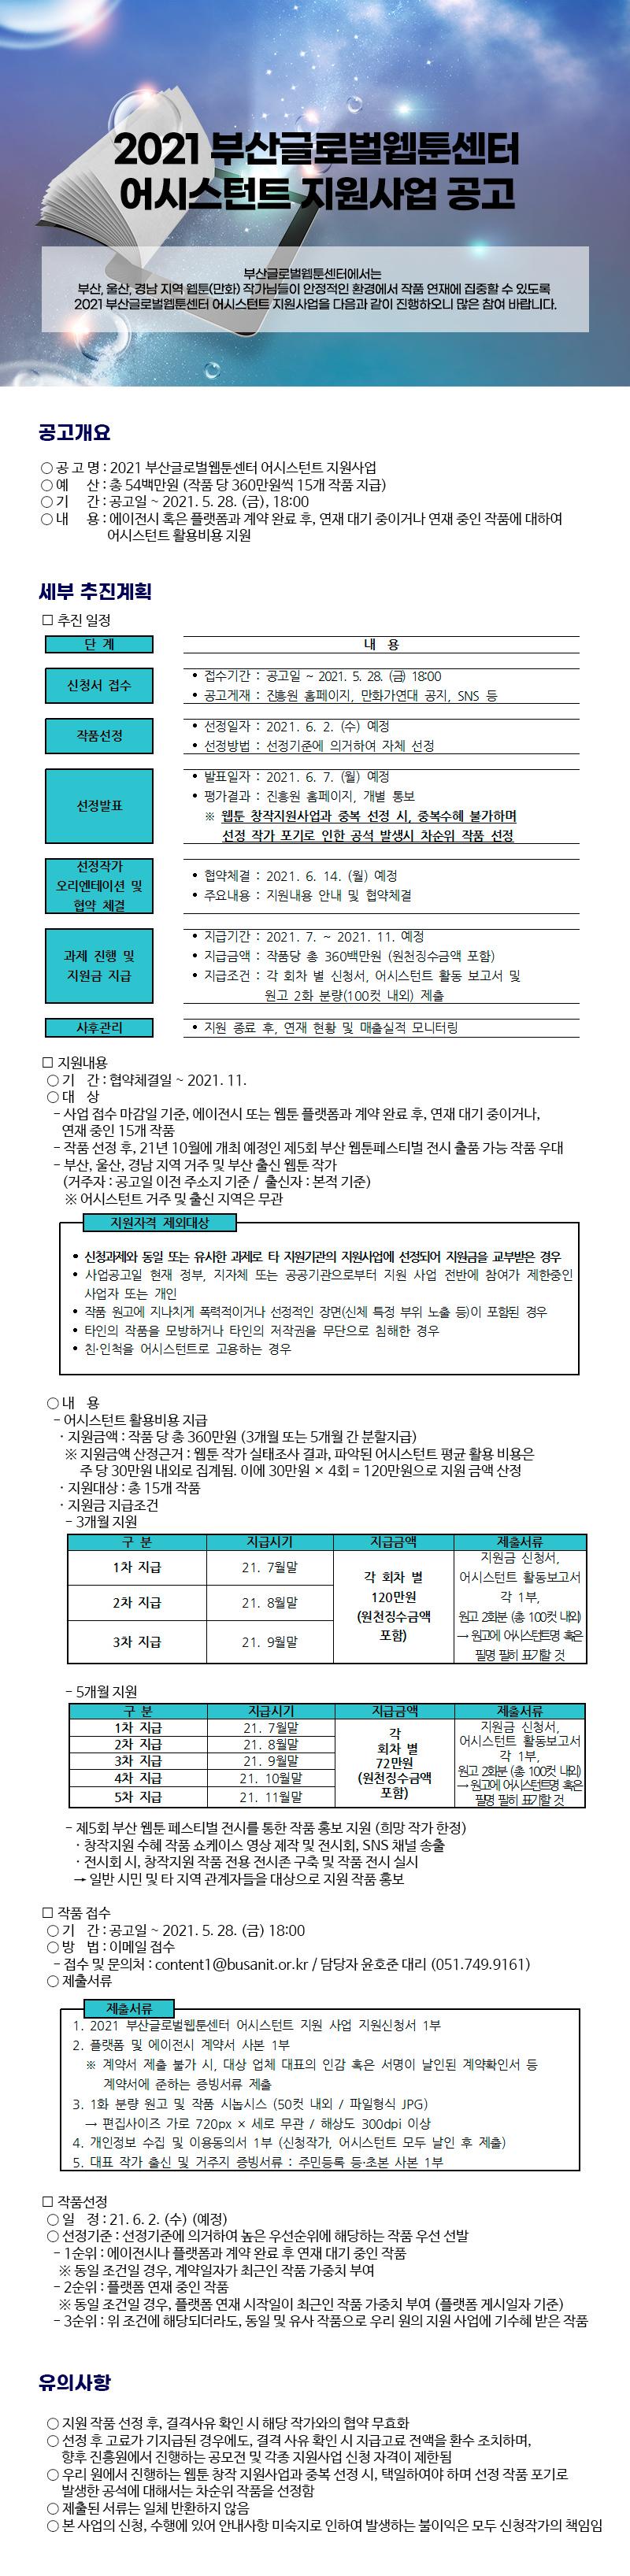 2021 부산글로벌웹툰센터 어시스턴트 지원사업 공고